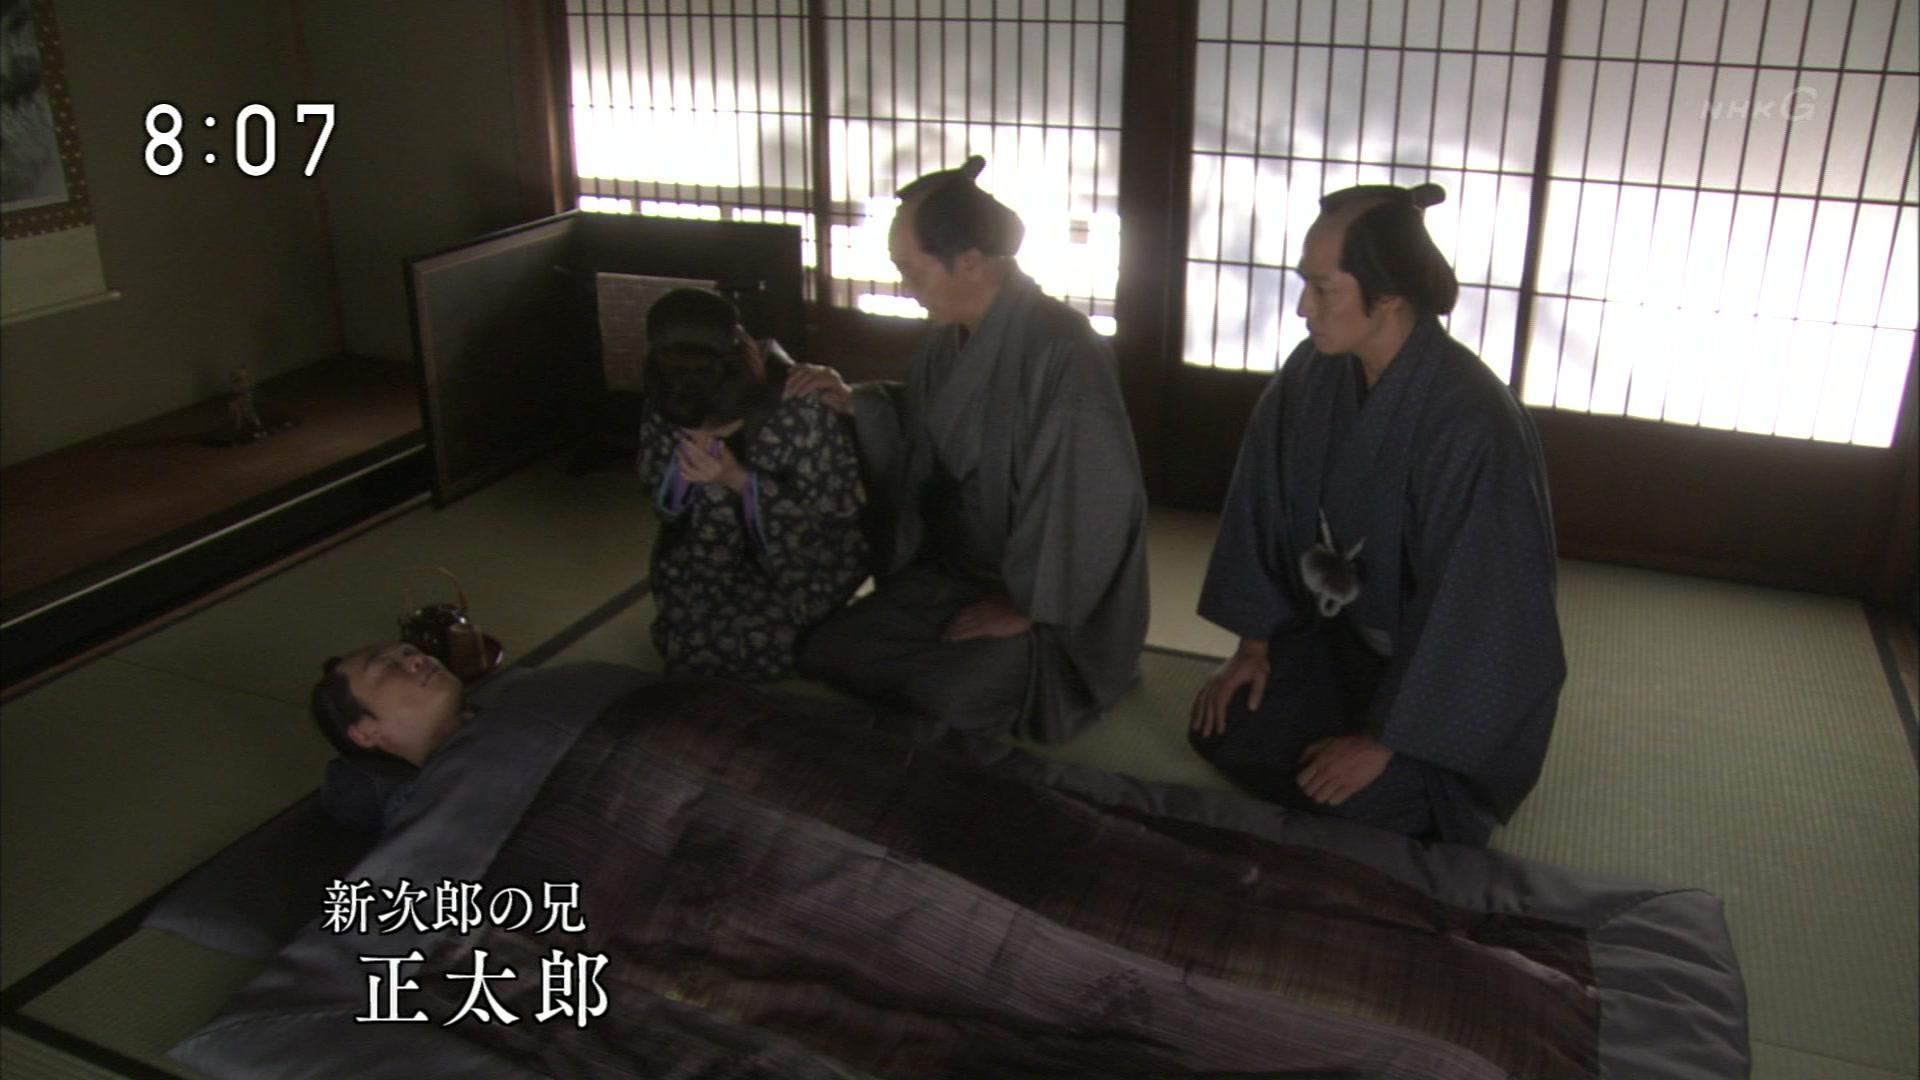 2015-10-06 08:00 連続テレビ小説 あさが来た(8)「ふたつの花びら」 1470